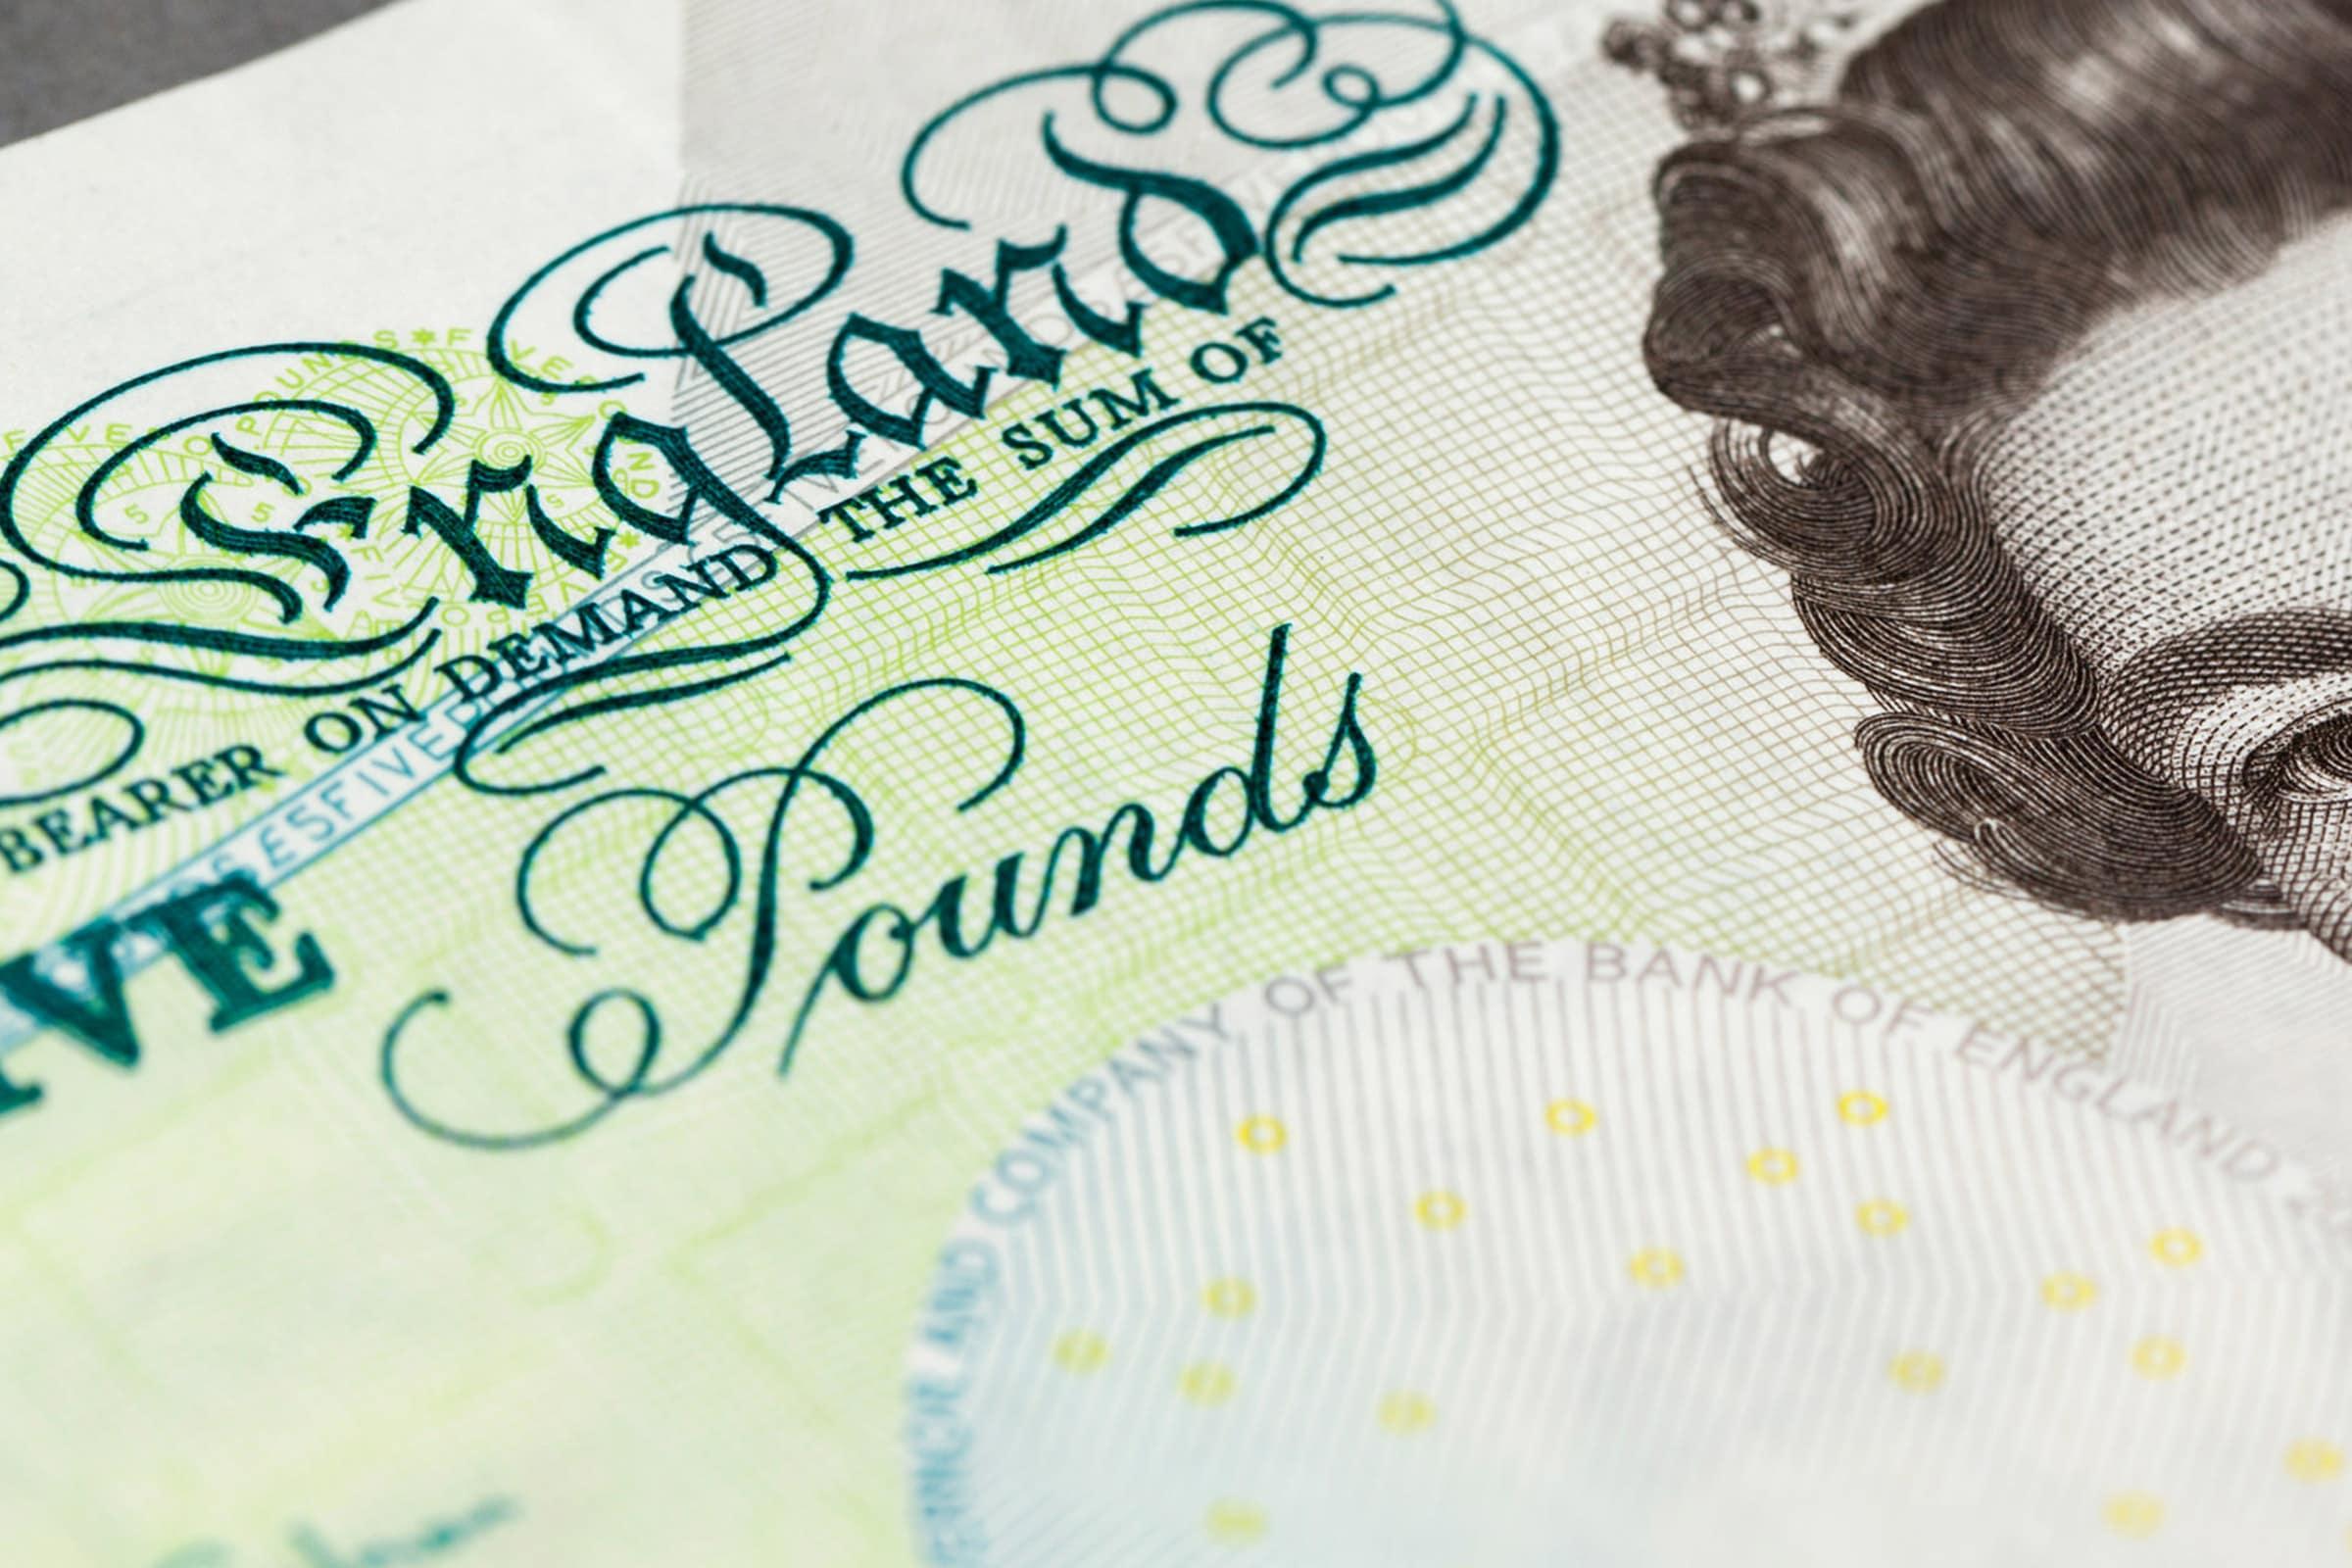 private wealth management, familienvermögen, london, bank note